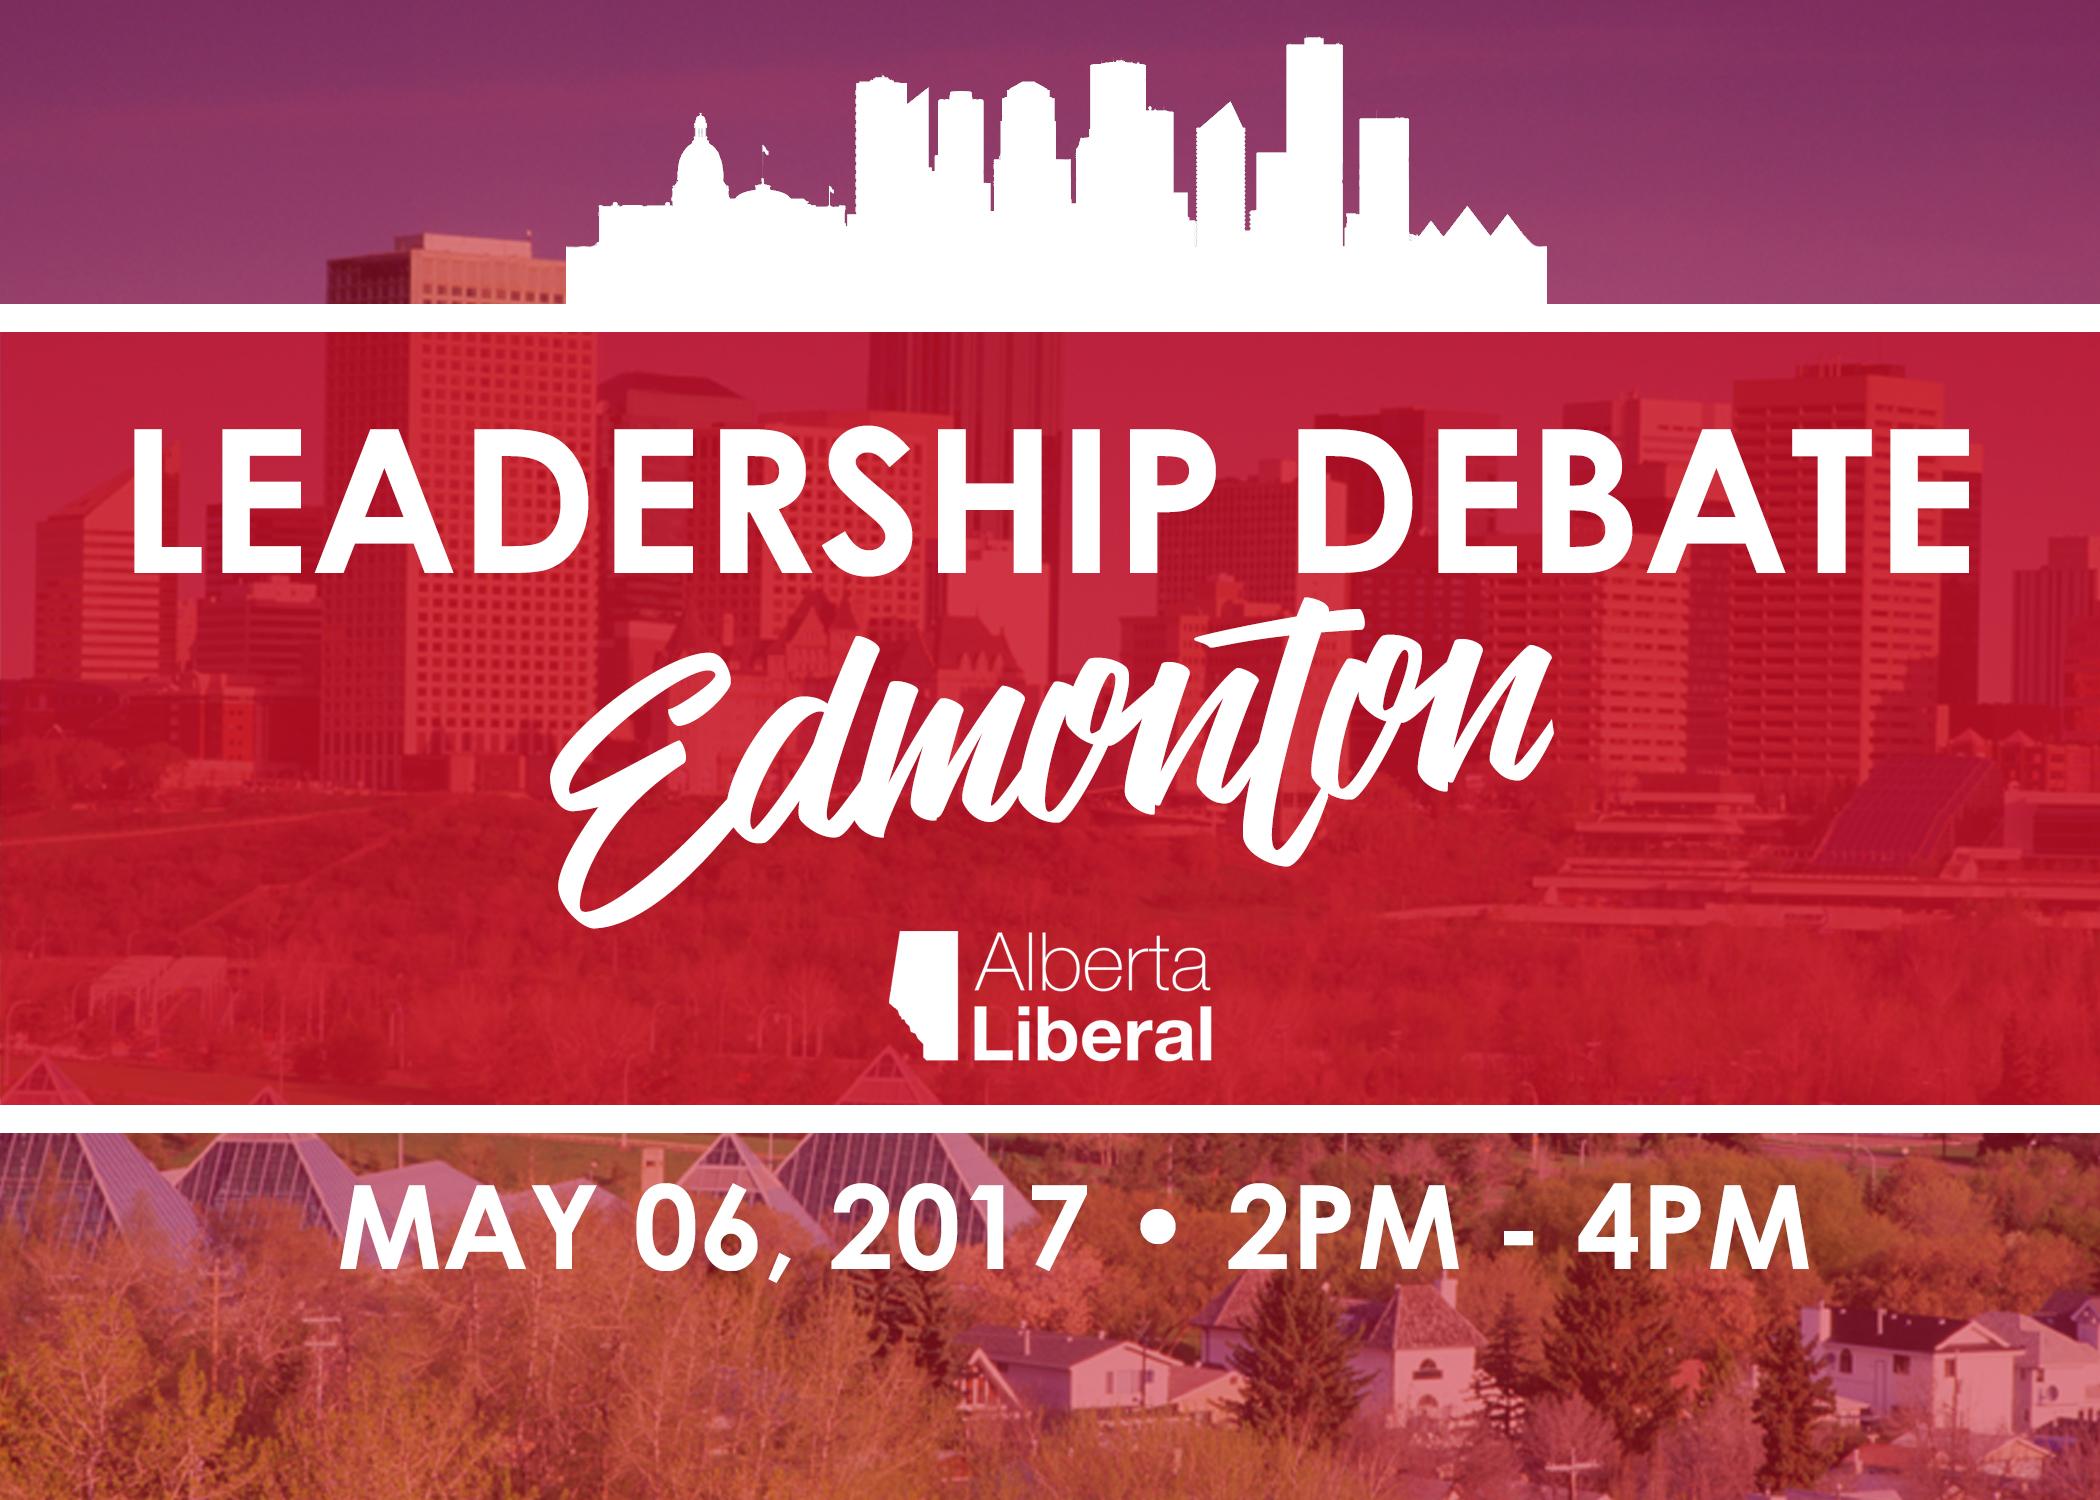 Edmonton_Leadership_Debate_3.jpg